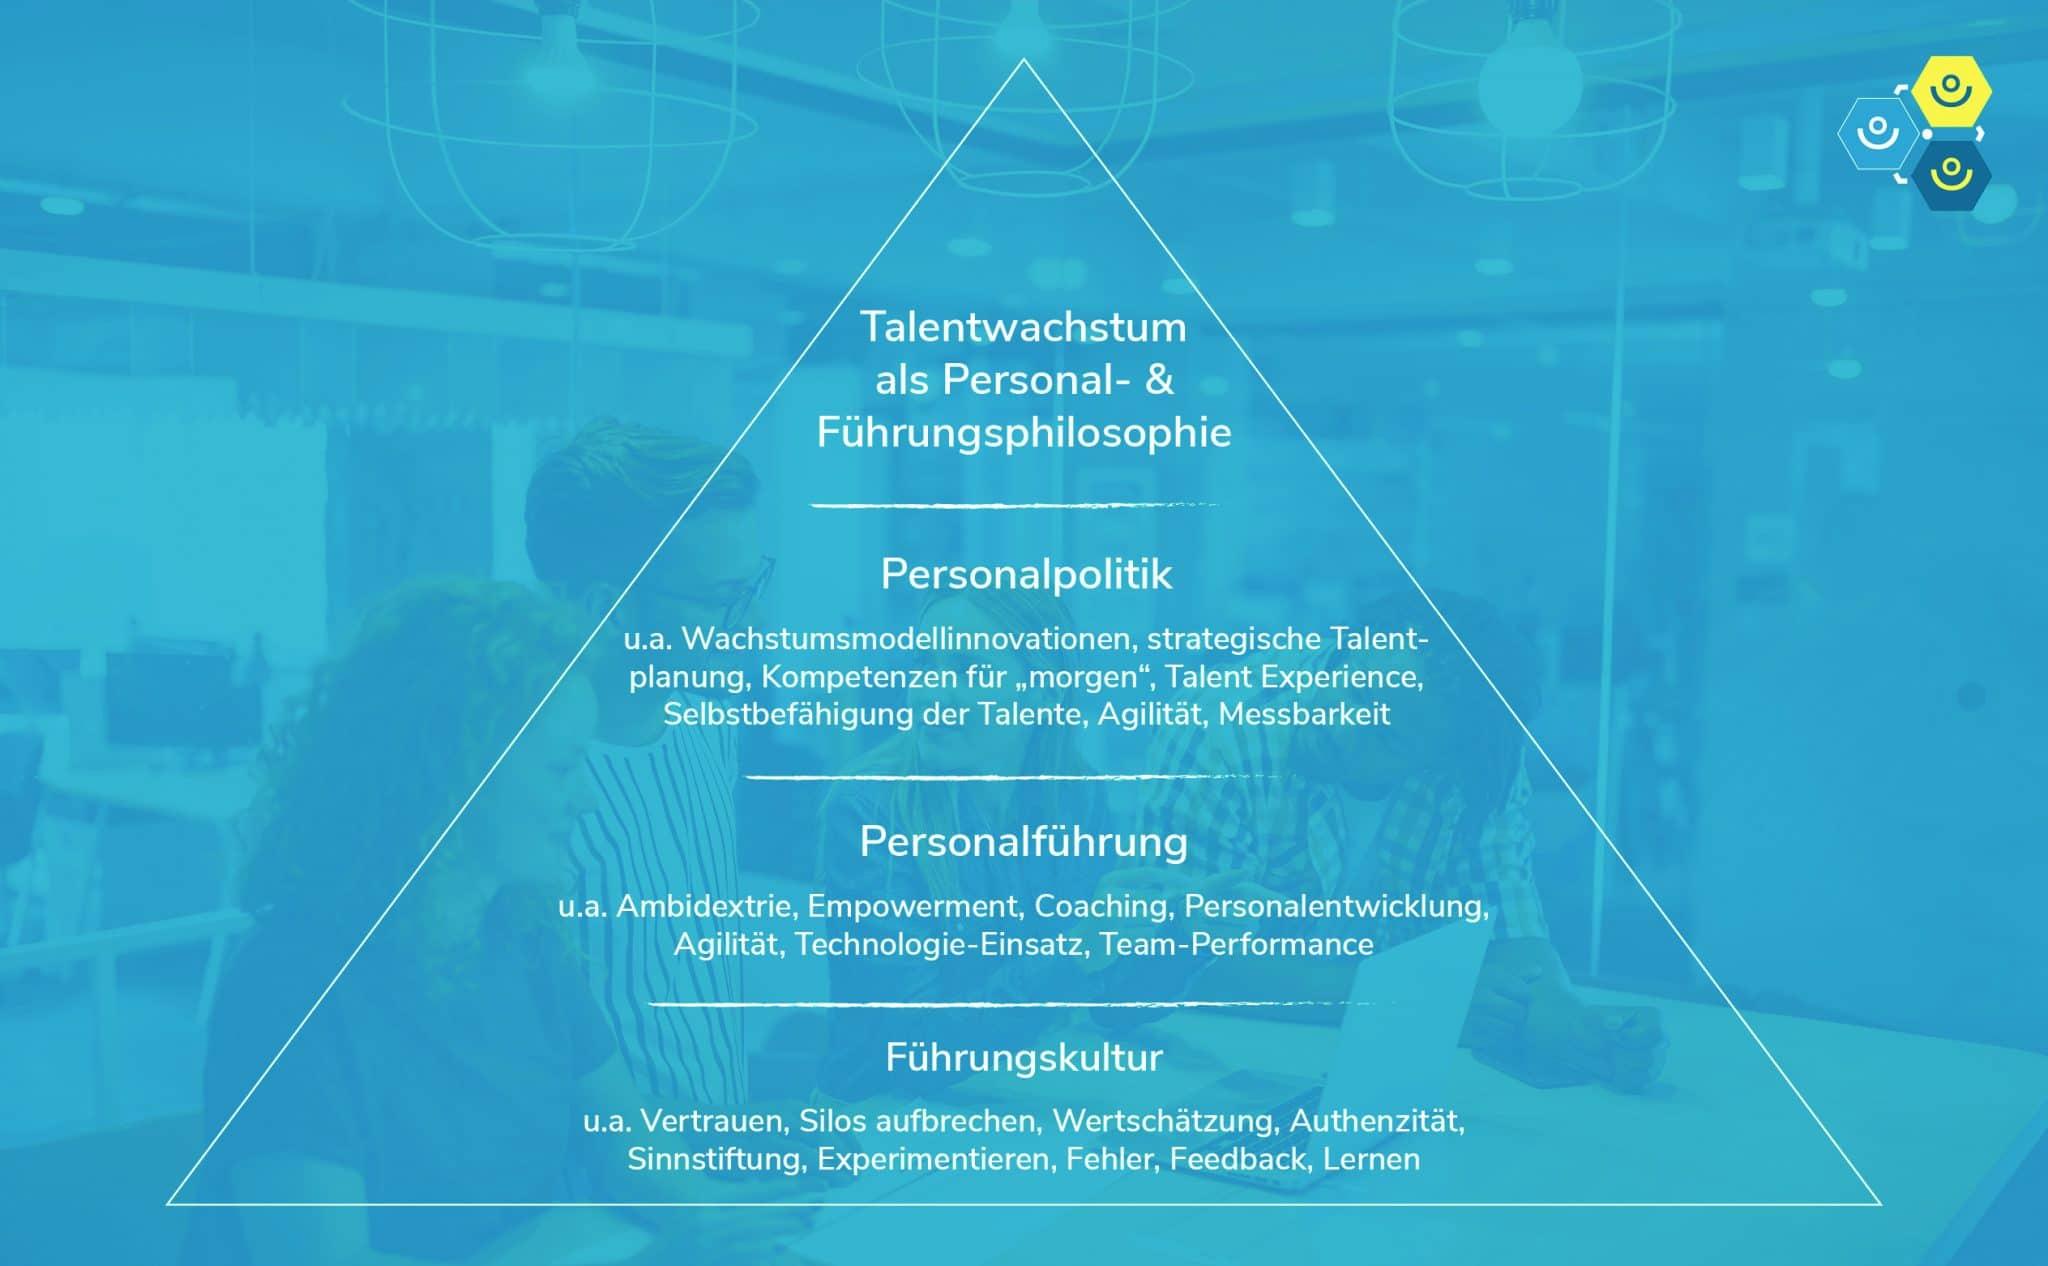 Talentwachstum Pyramide